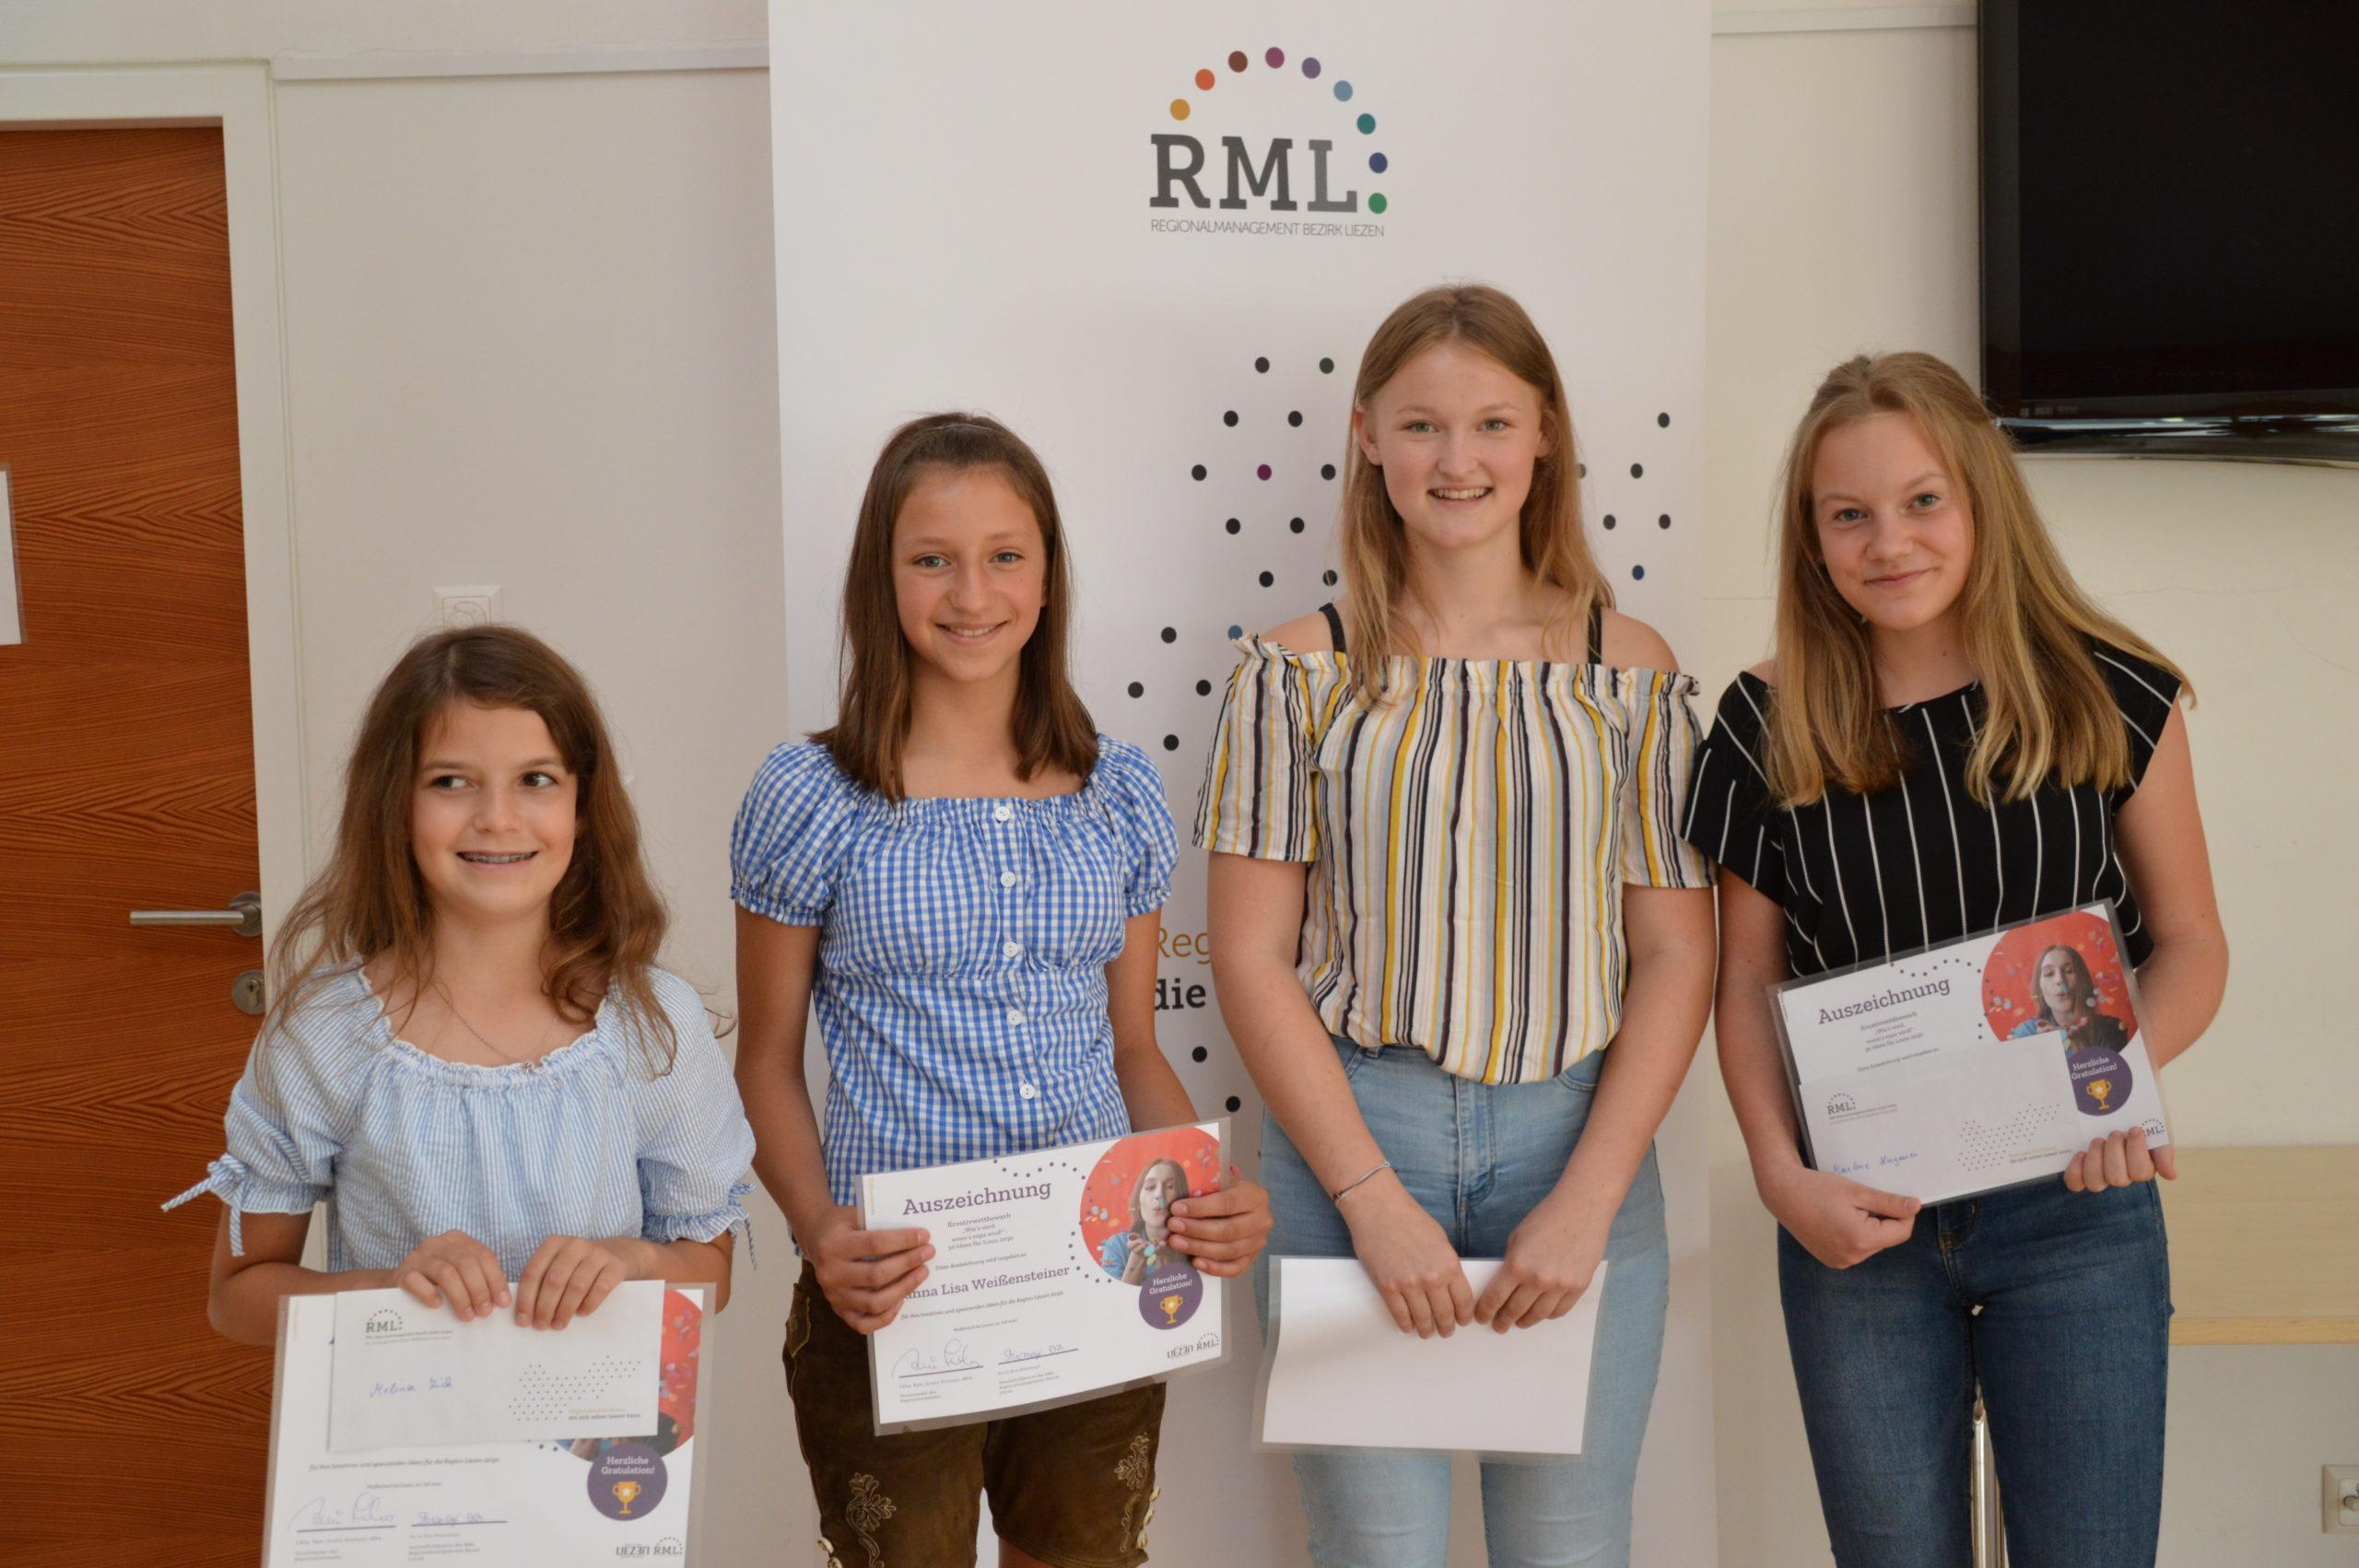 Schreibwettbewerb Regionalmanagement Liezen